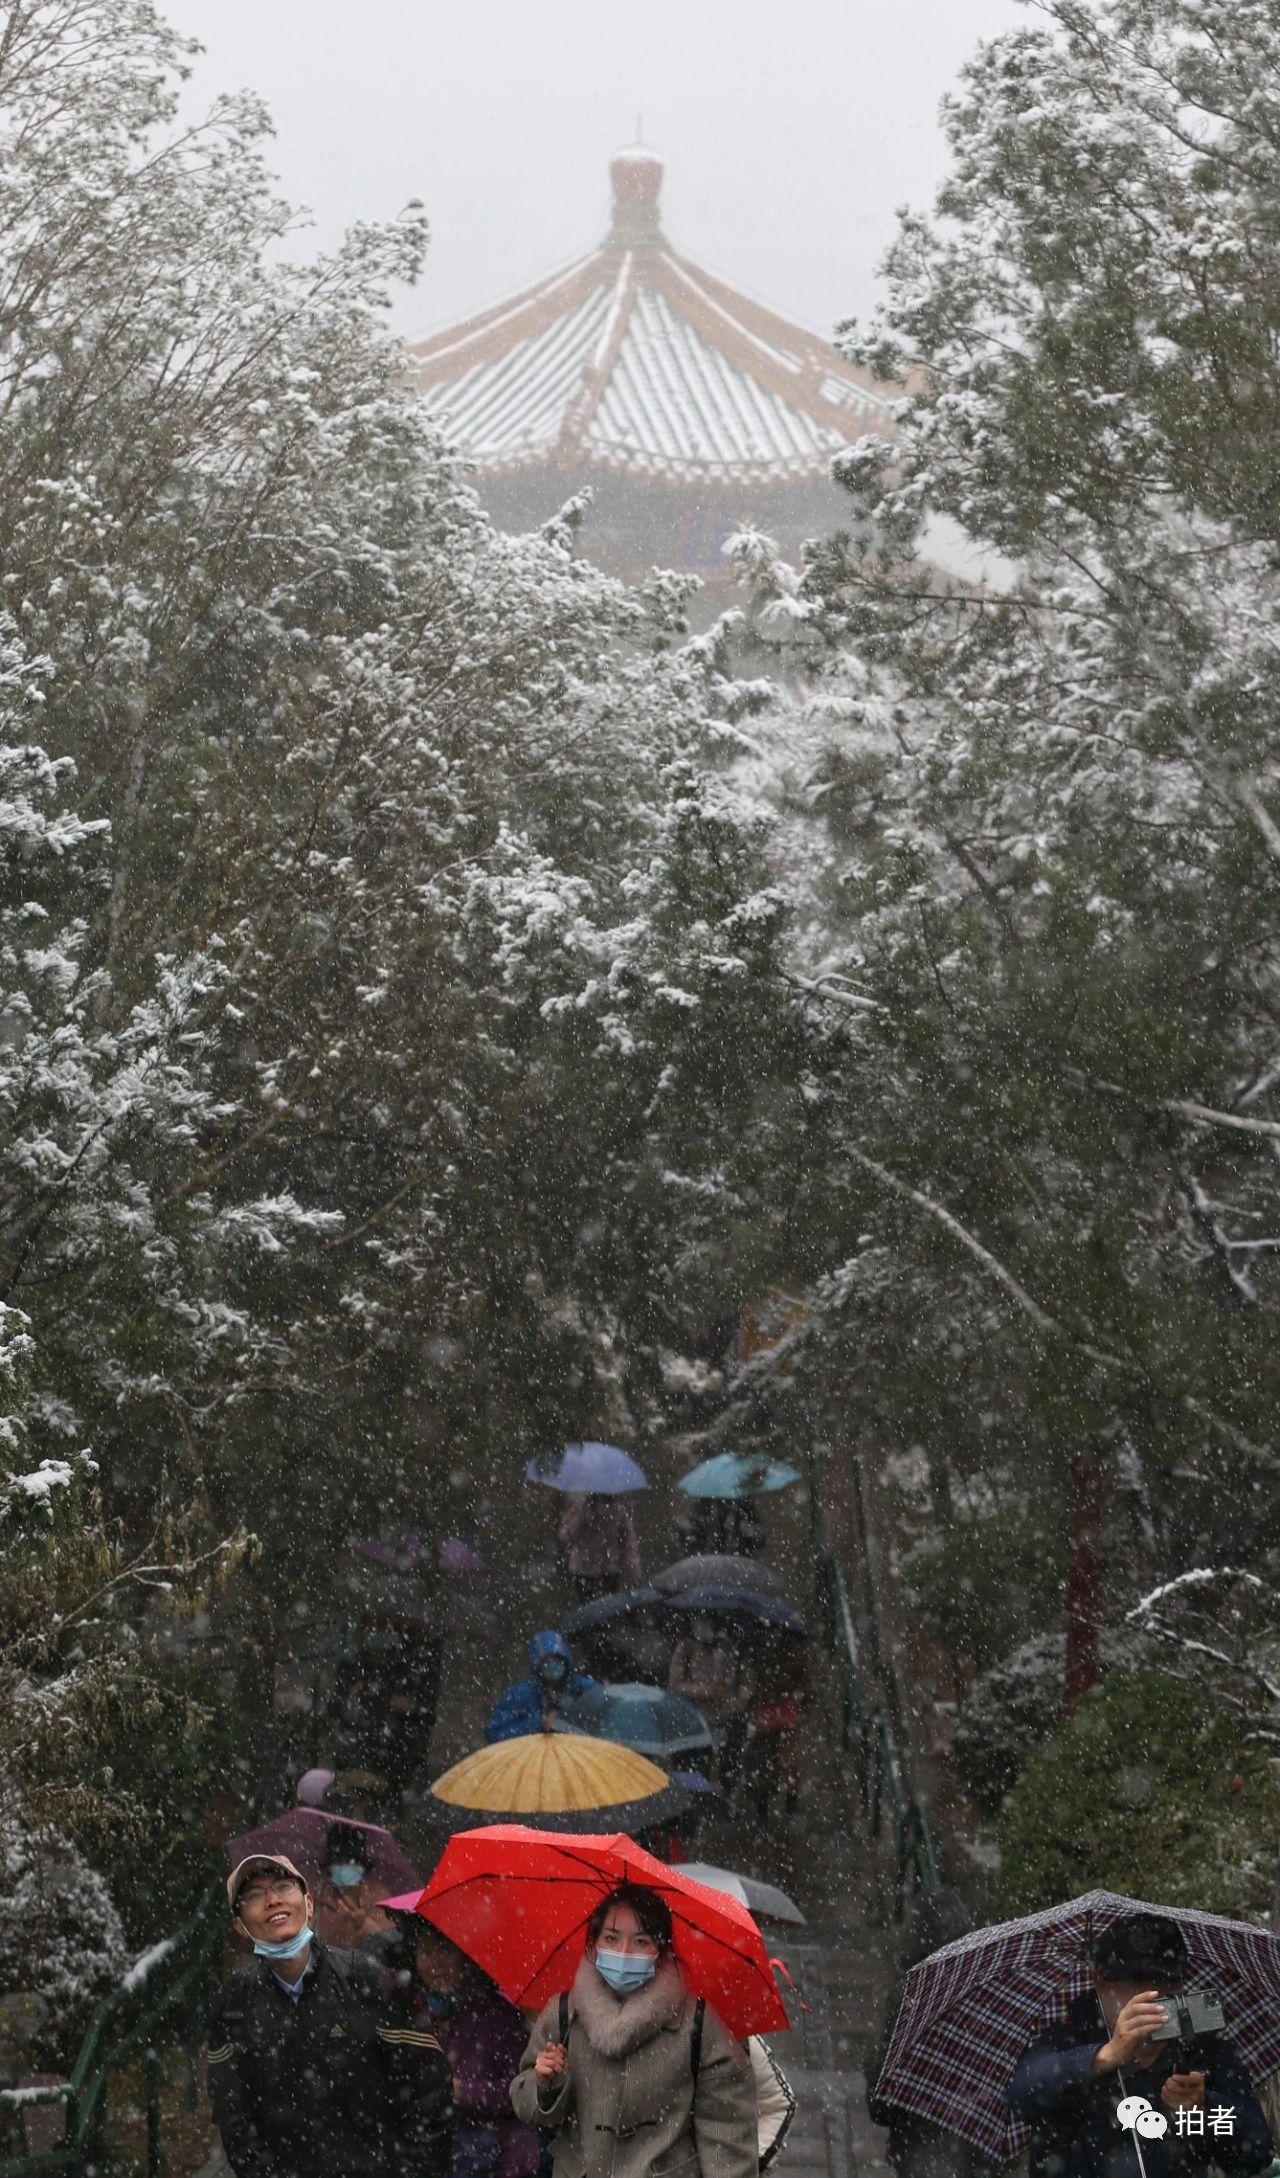 北京初雪最全图集来了!一文看遍城里城外 最新热点 第21张